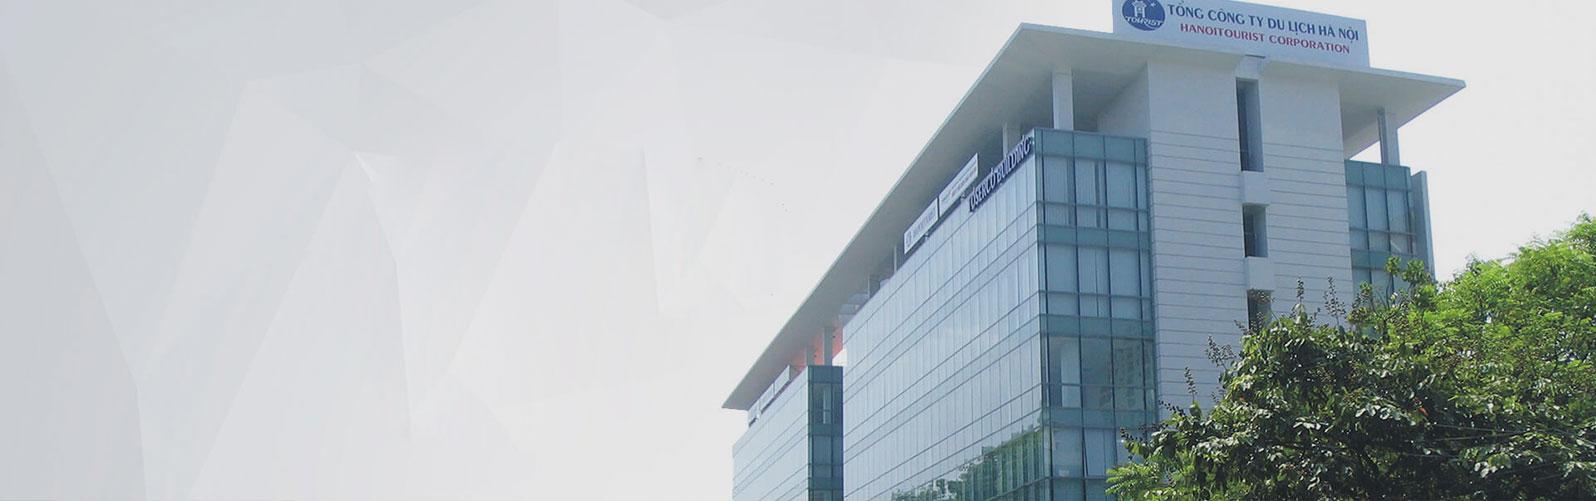 Banner trang lĩnh vực VPCT